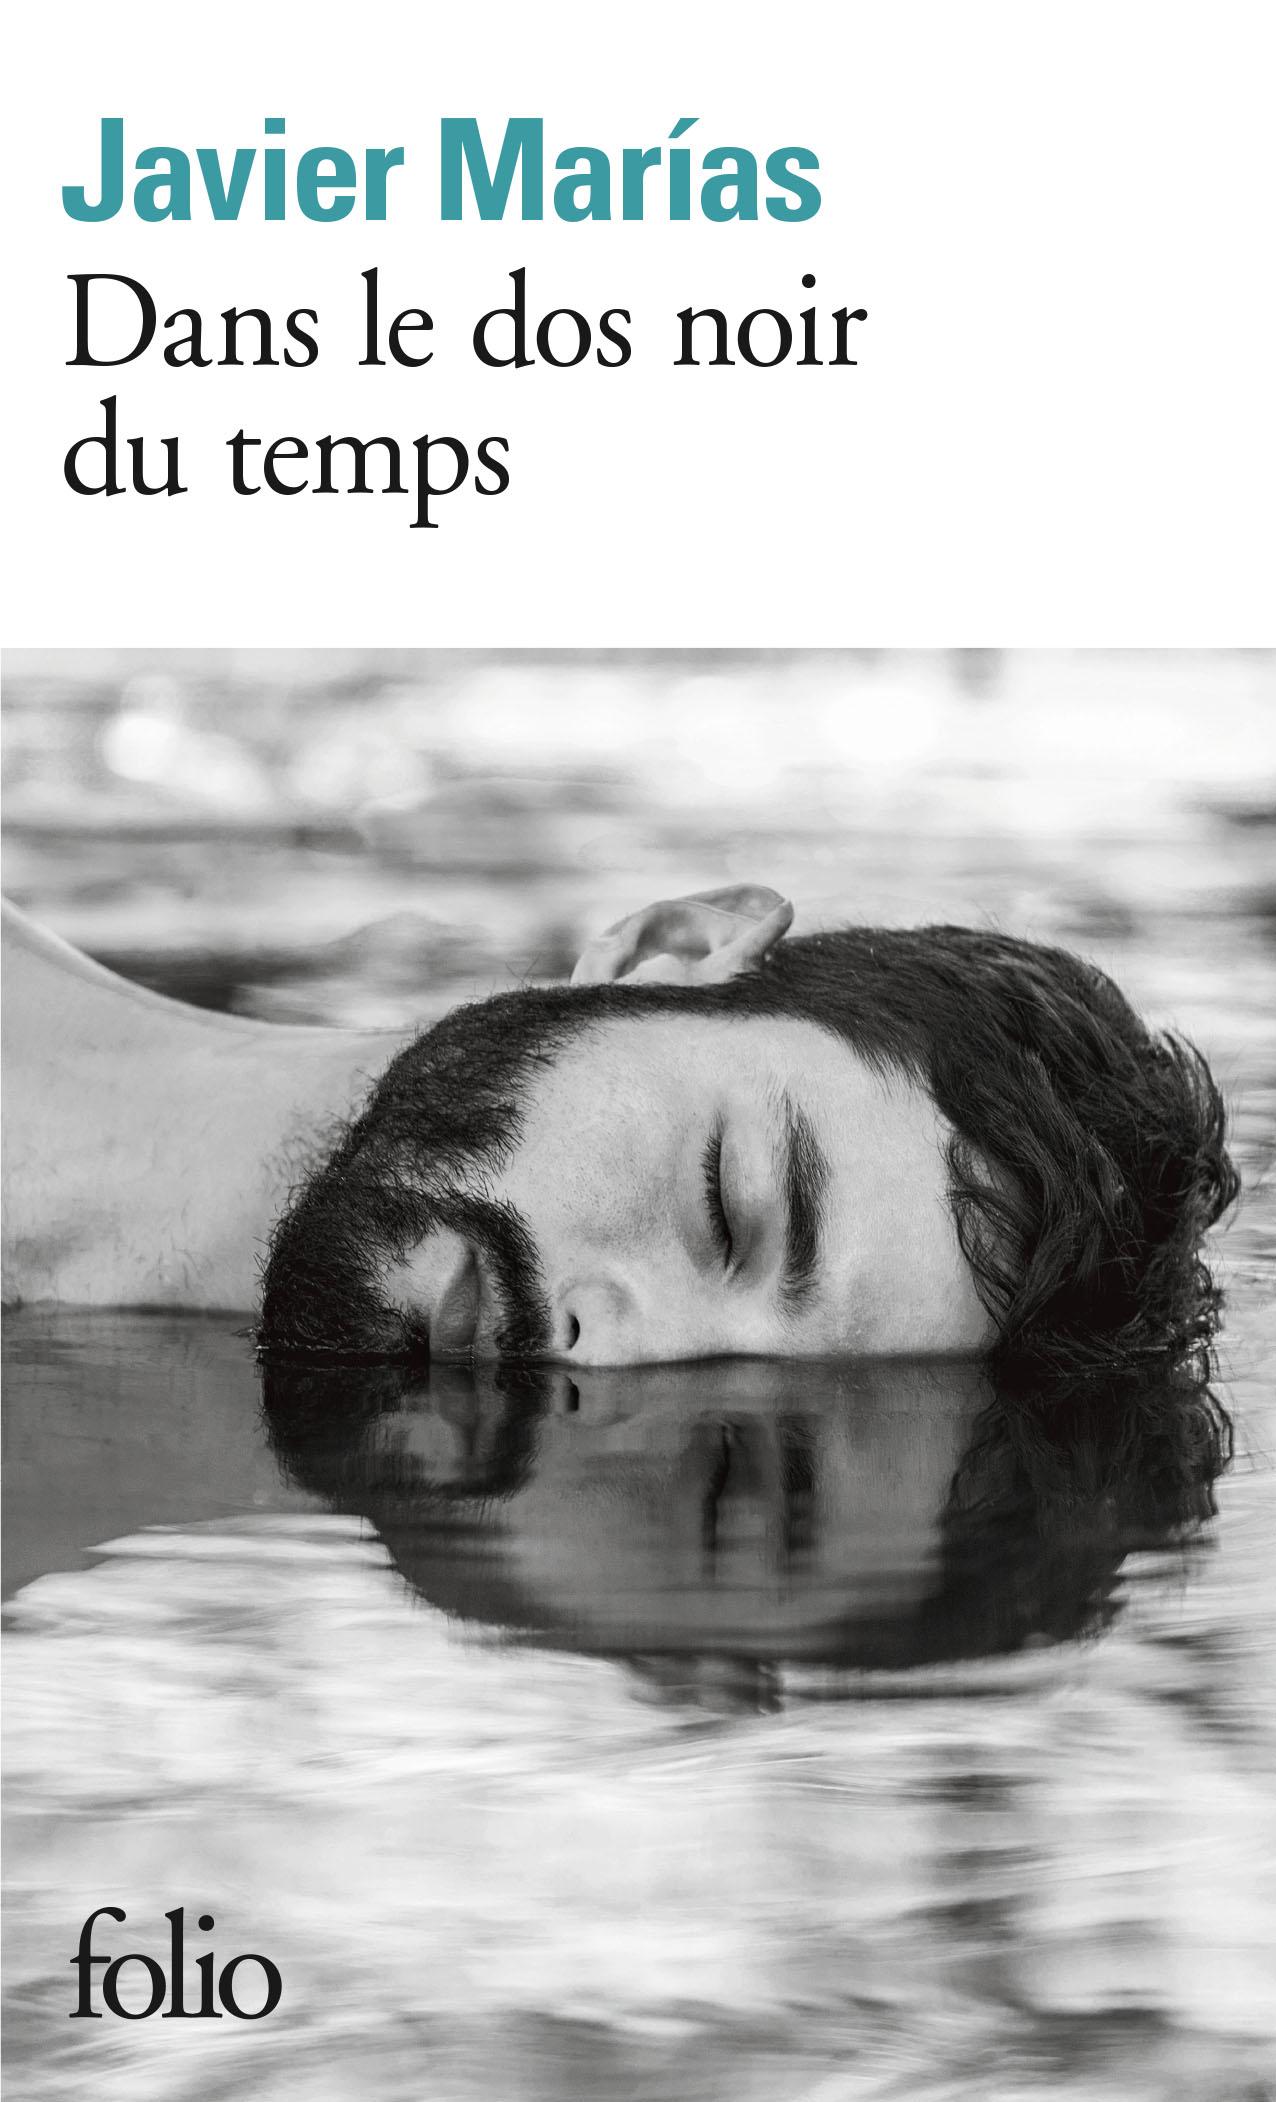 A77697_Dans_le_dos_noir_du_temps.indd